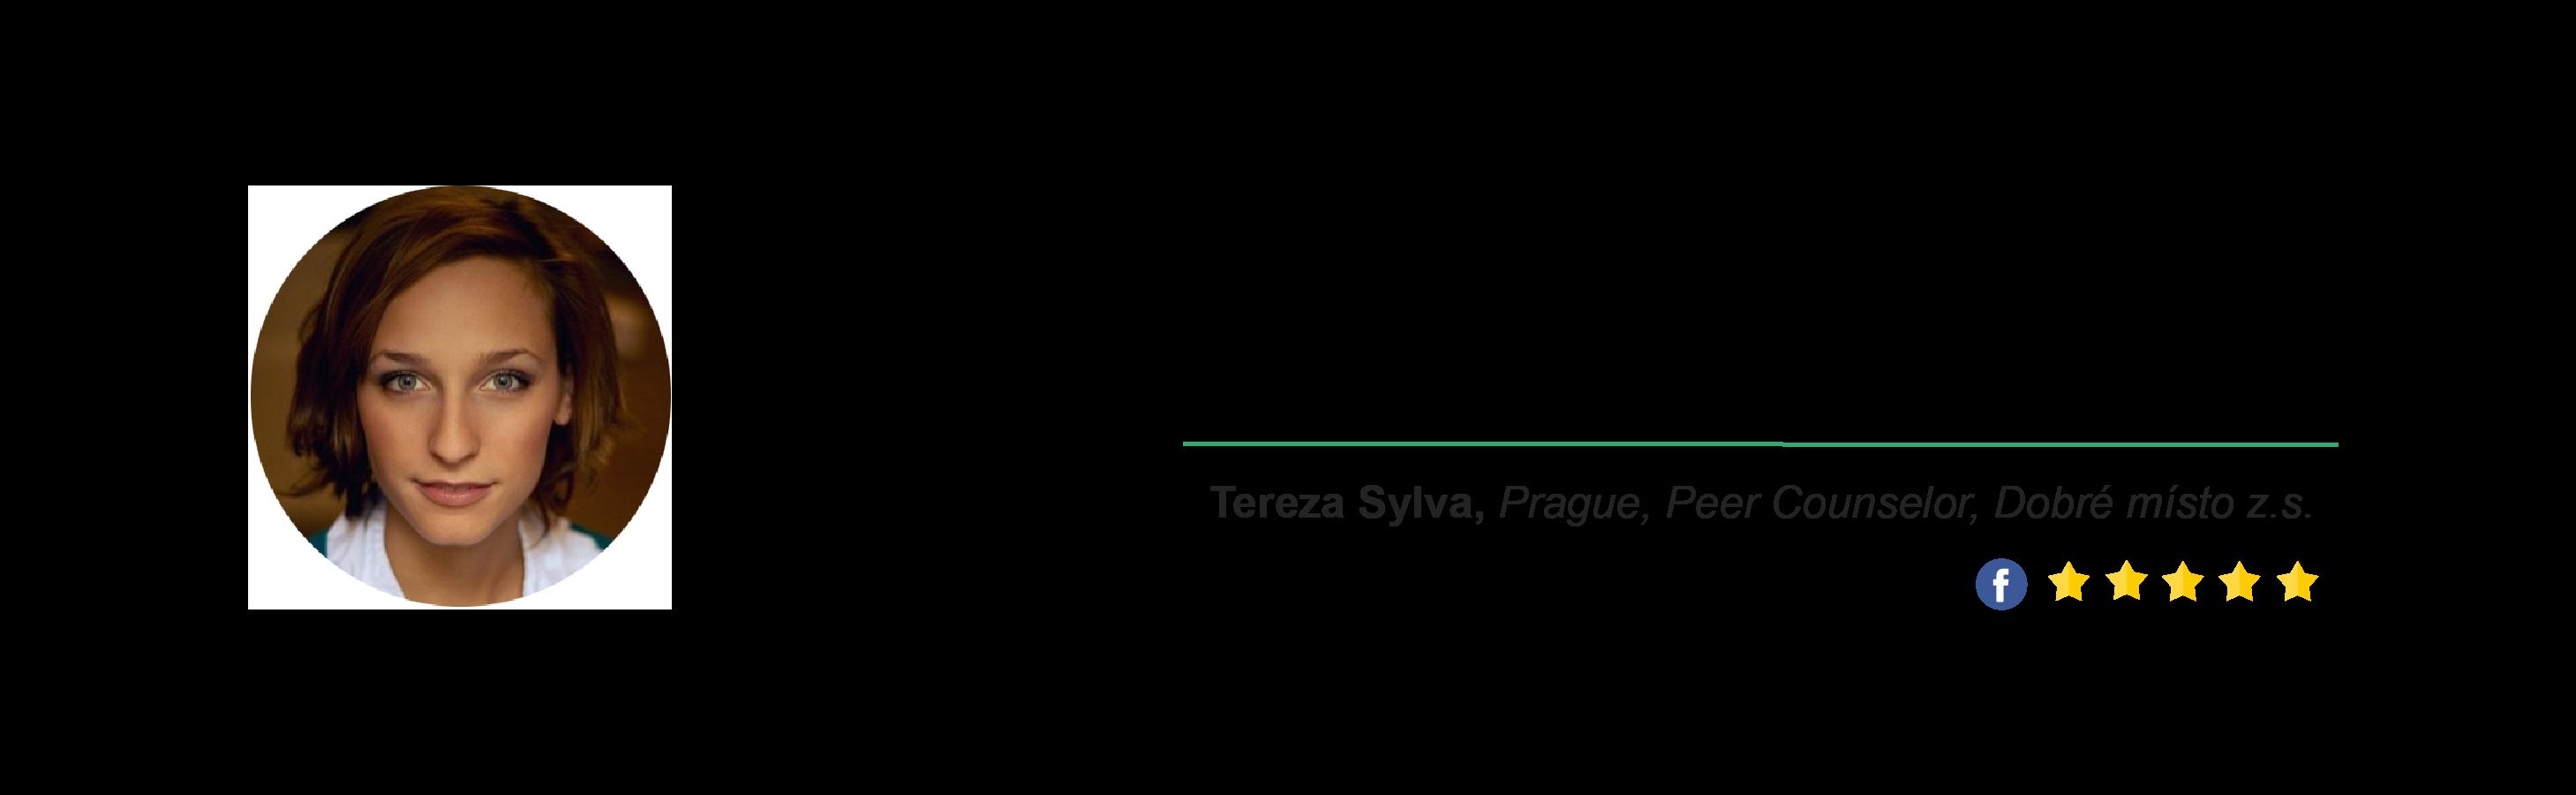 Locus Testimonial - Tereza Sylva